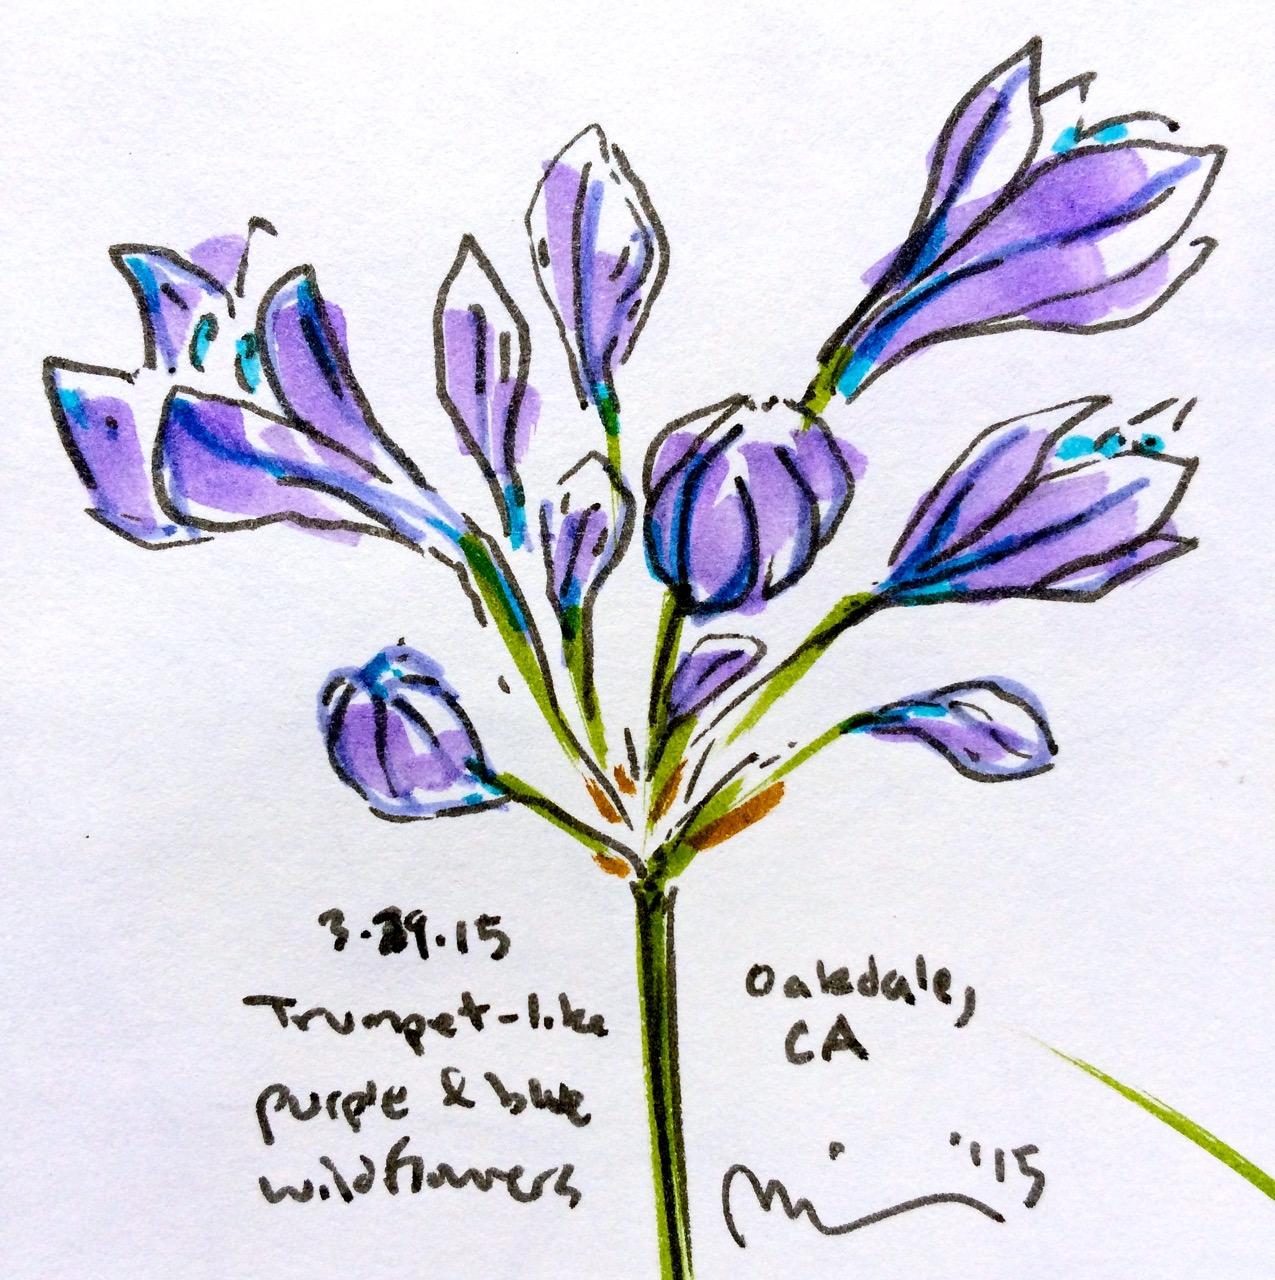 Oakdale flowers3.jpg